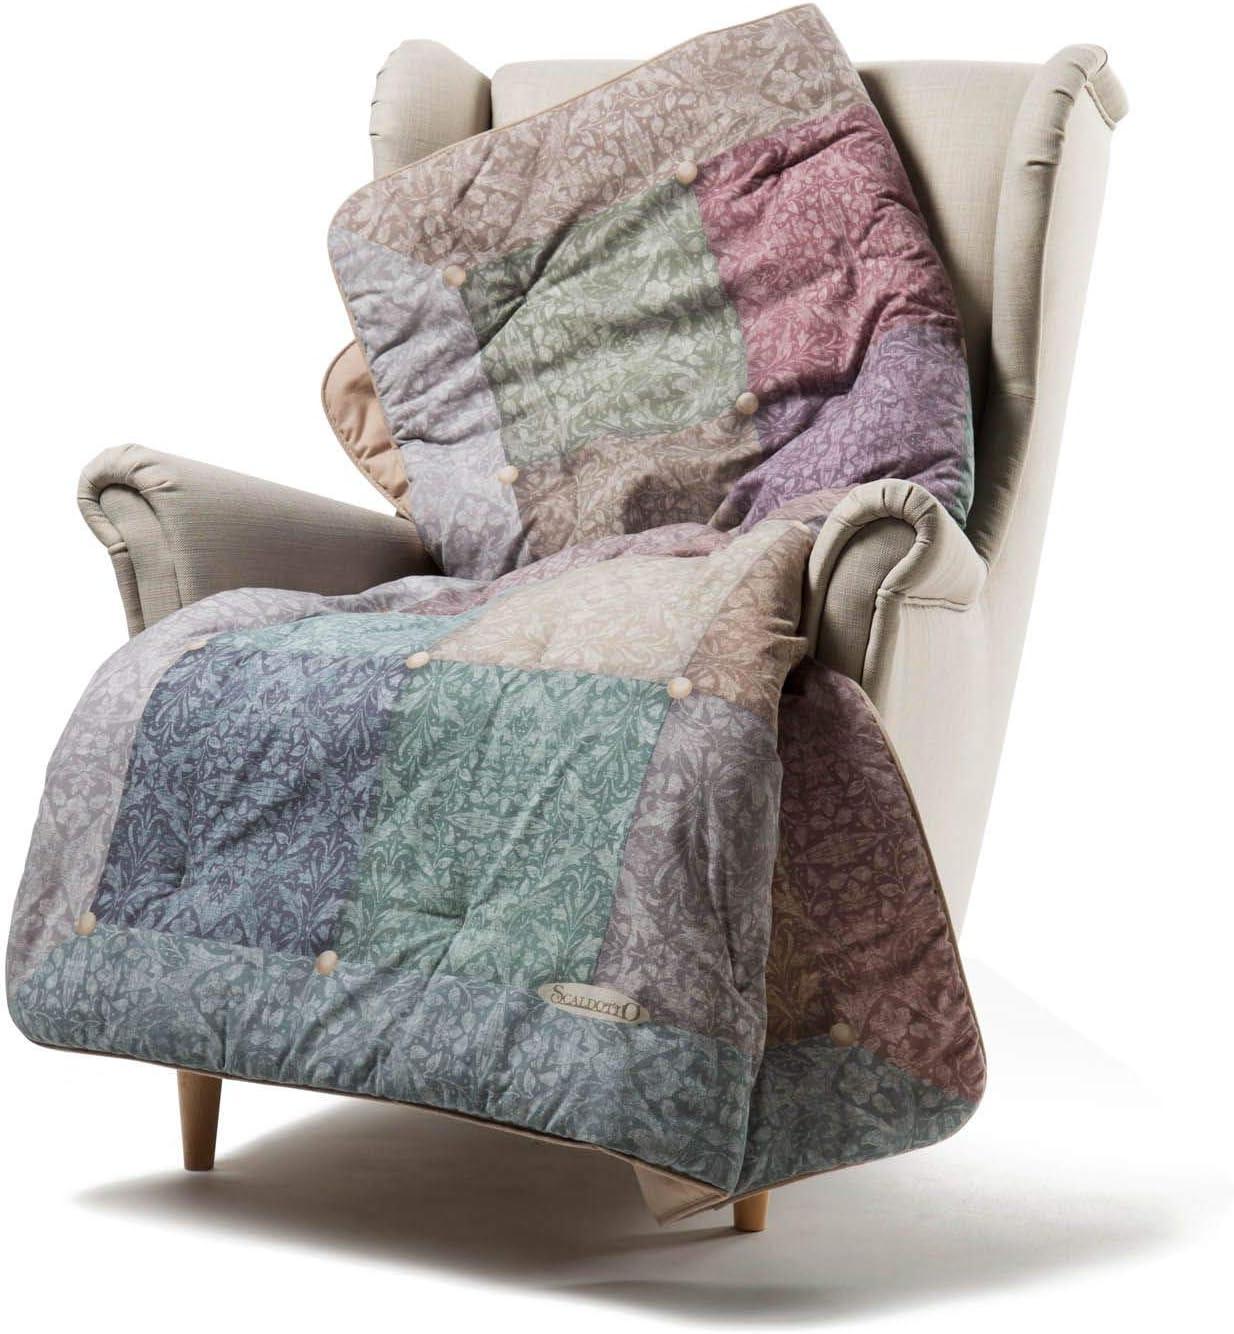 Caleffi - Calentador imperial burdeos, tejido de algodón, 130 x ...